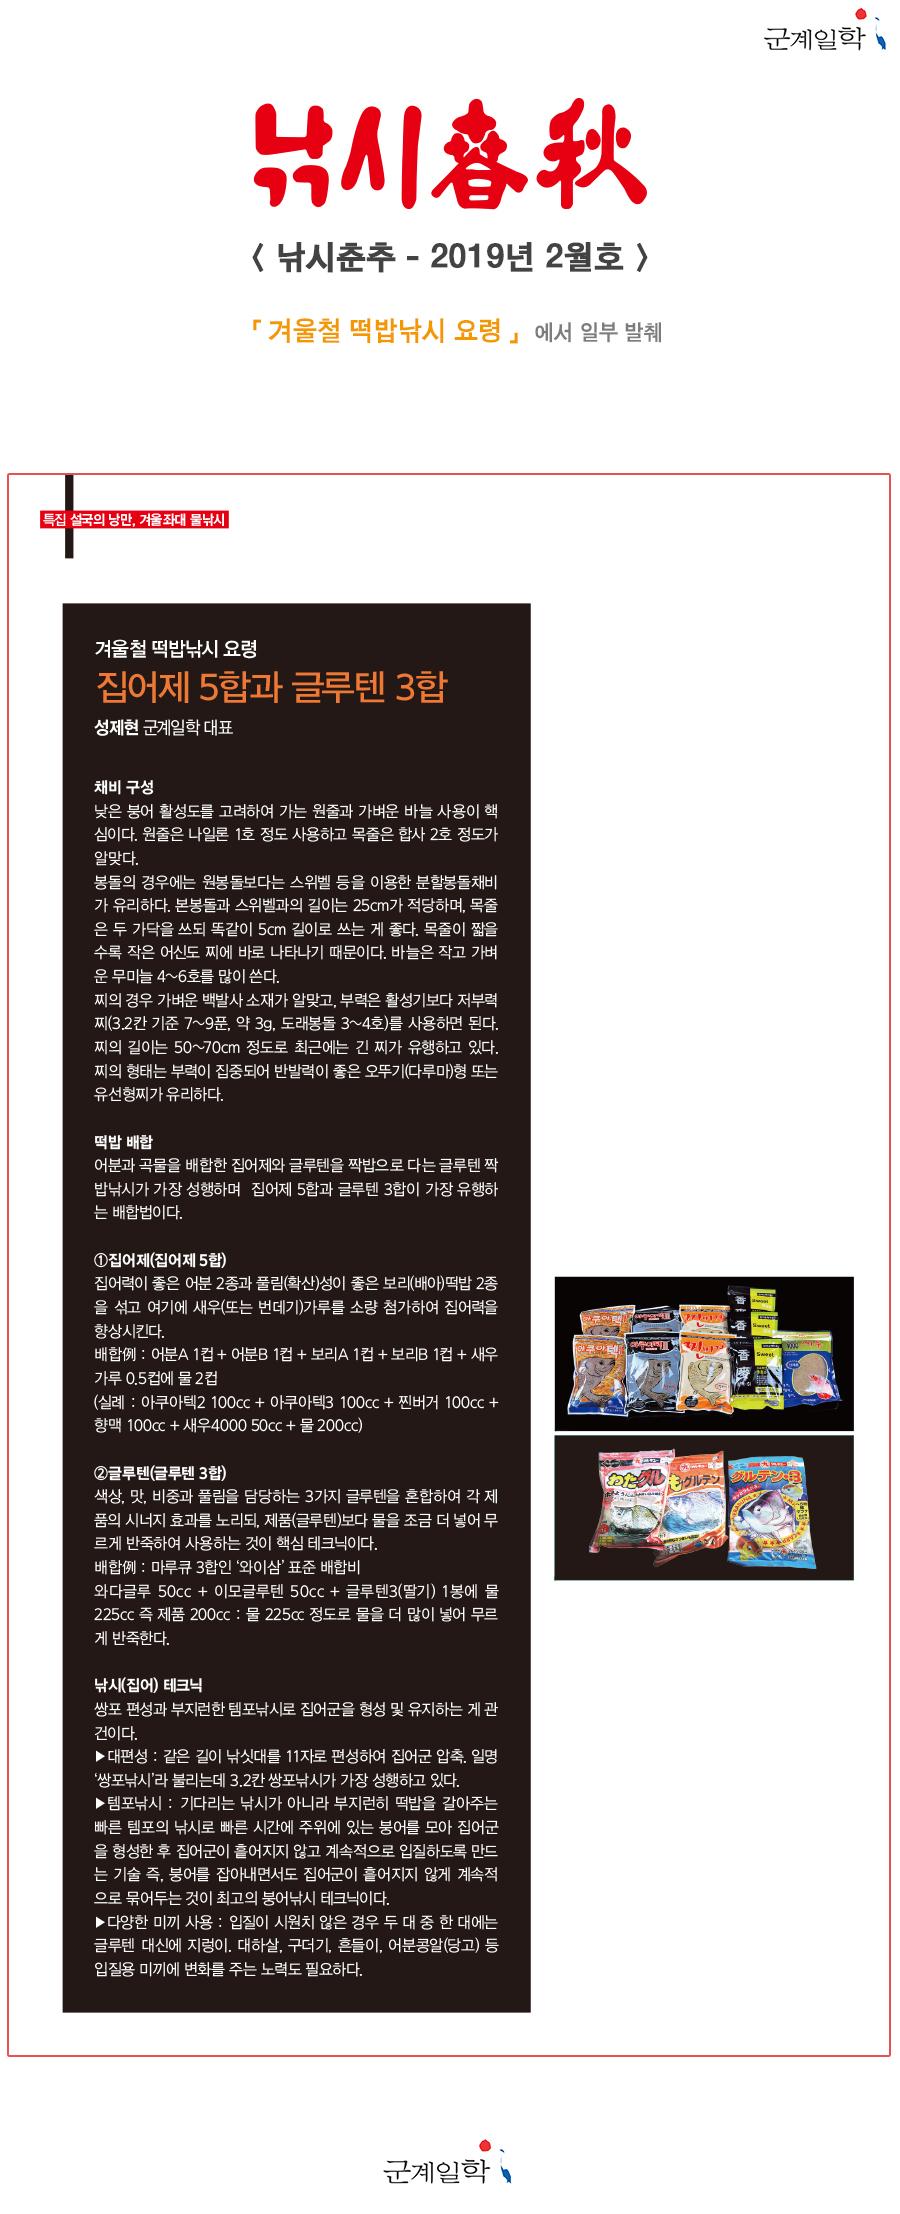 낚시춘추 2019년 2월호 - 겨울철 떡밥낚시 요령.jpg